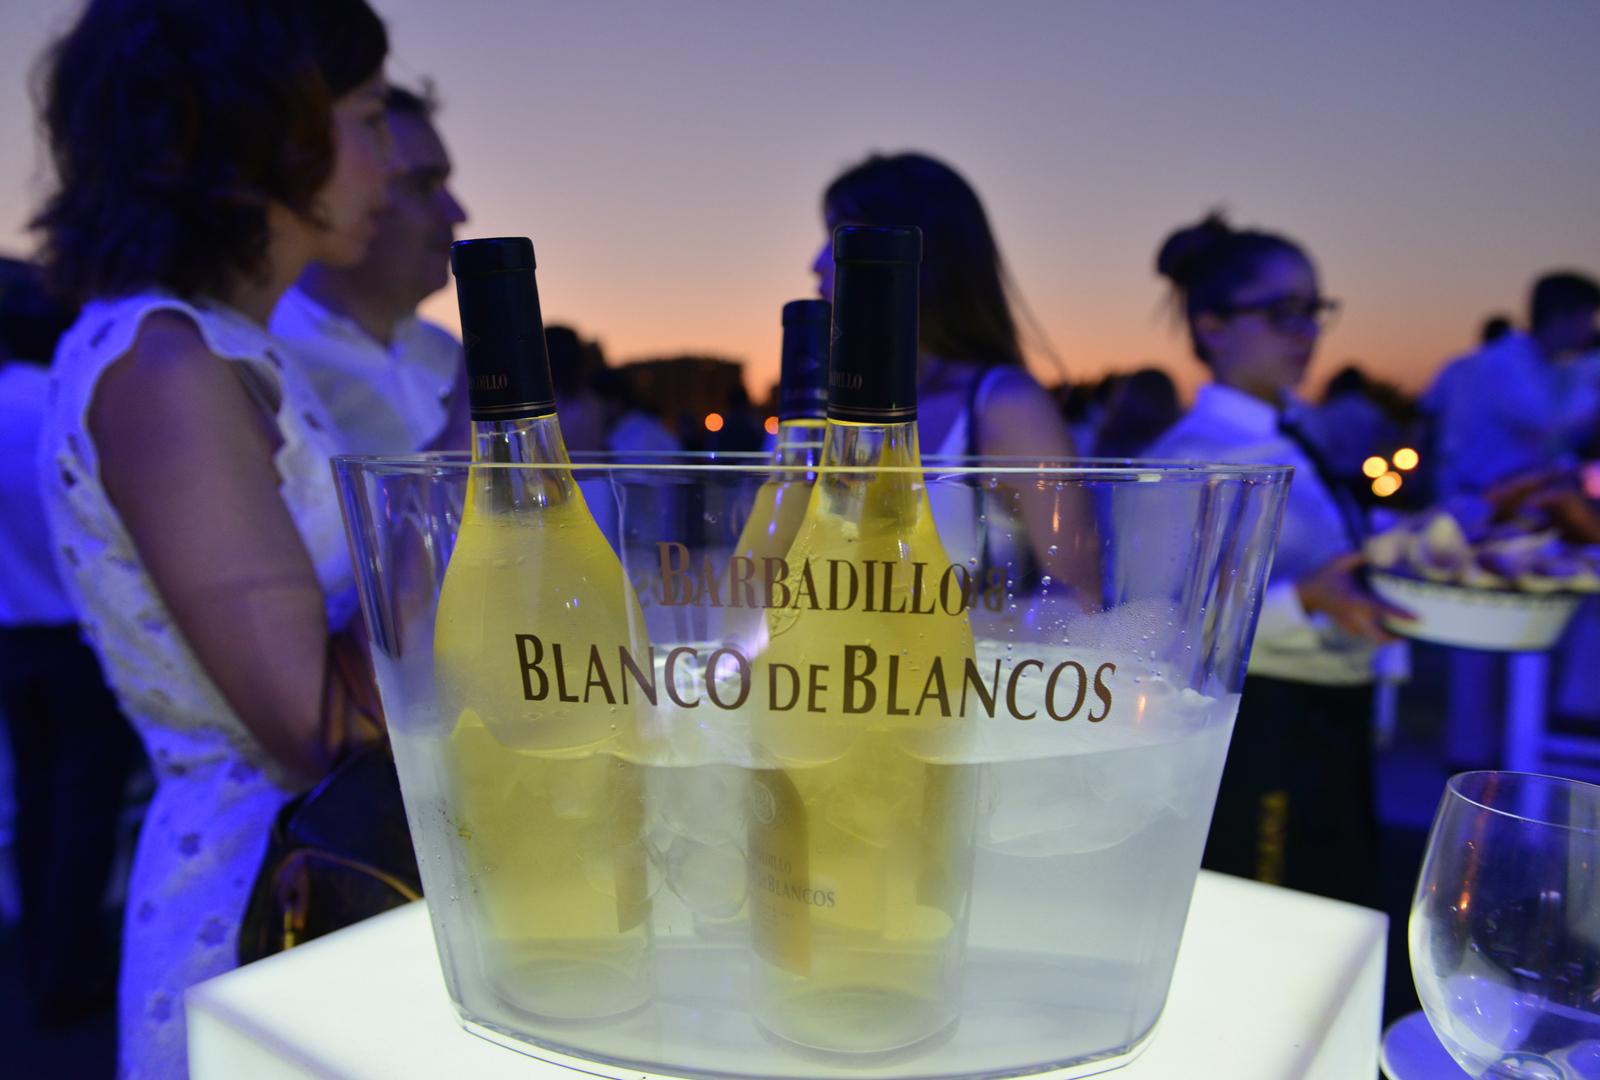 Barbadillo Blanco de Blancos.